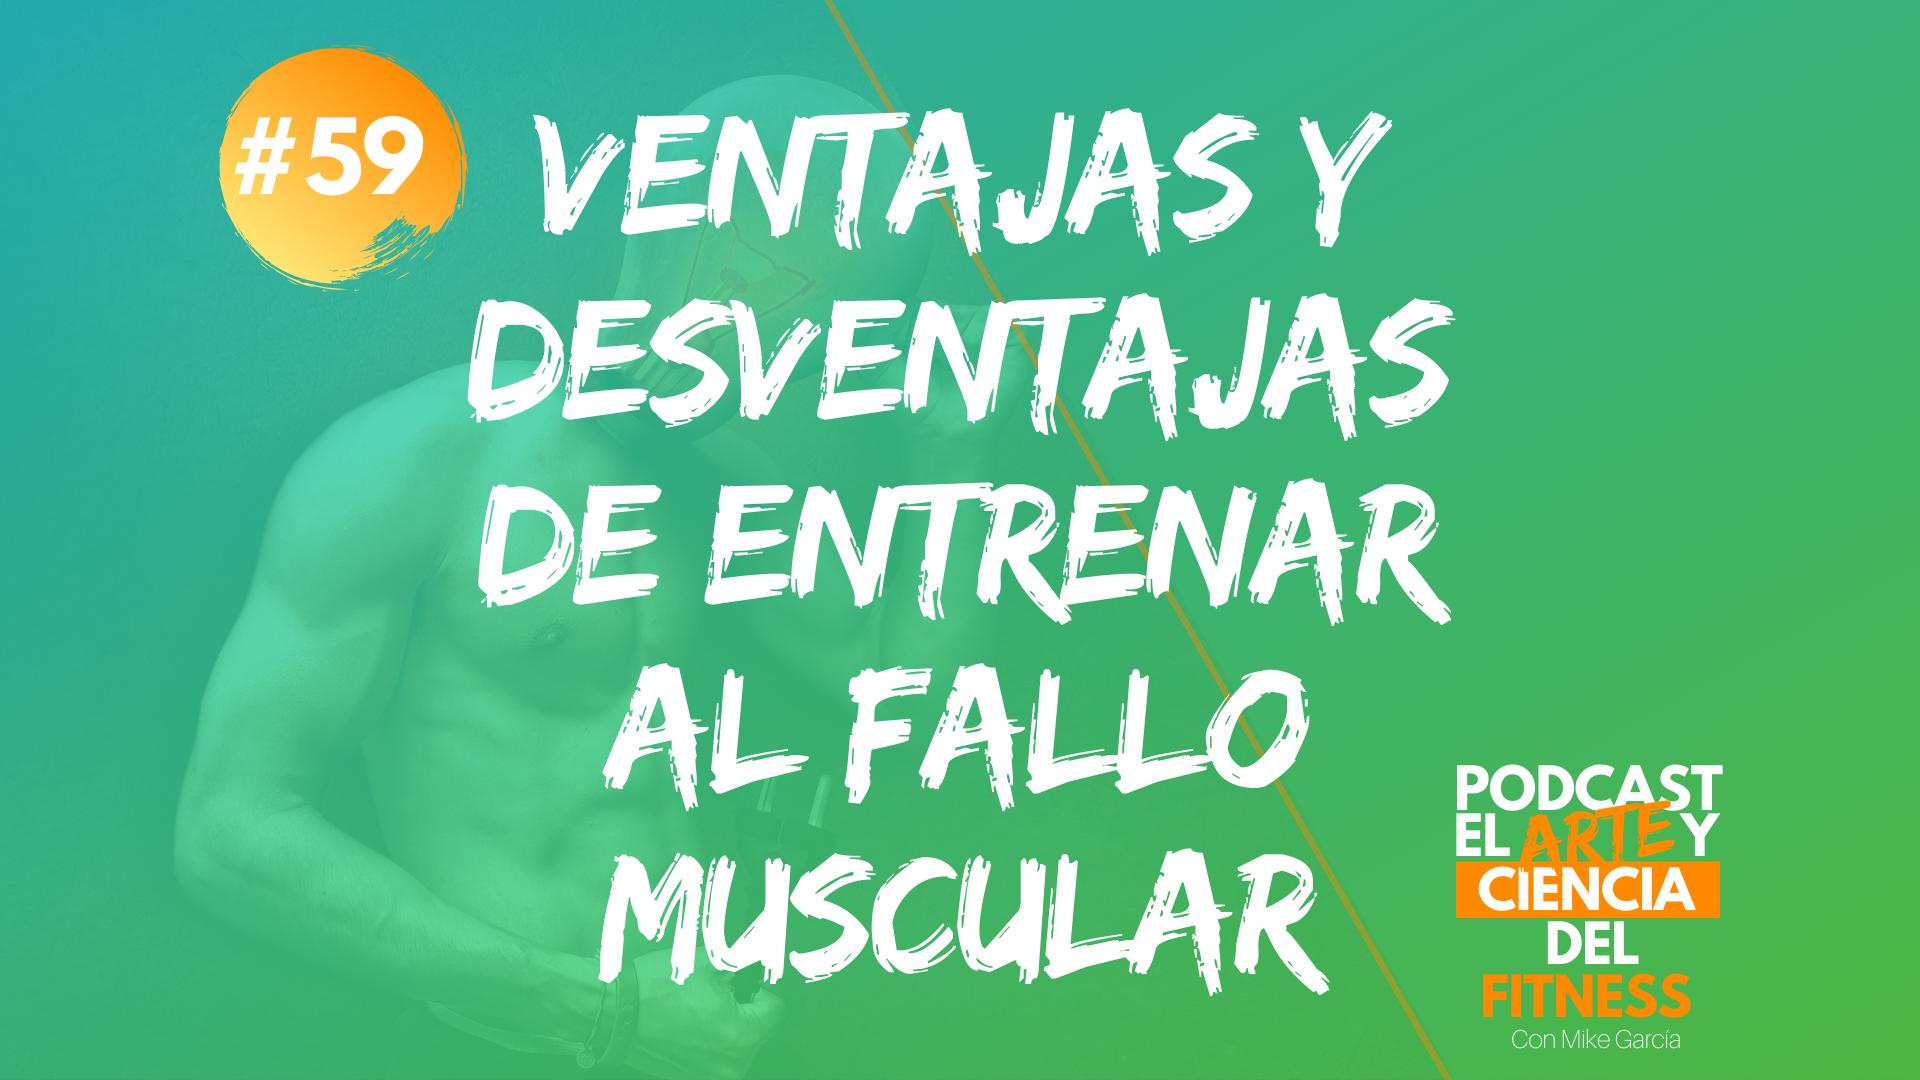 Podcast #59: Ventajas y Desventajas de Entrenar al Fallo Muscular